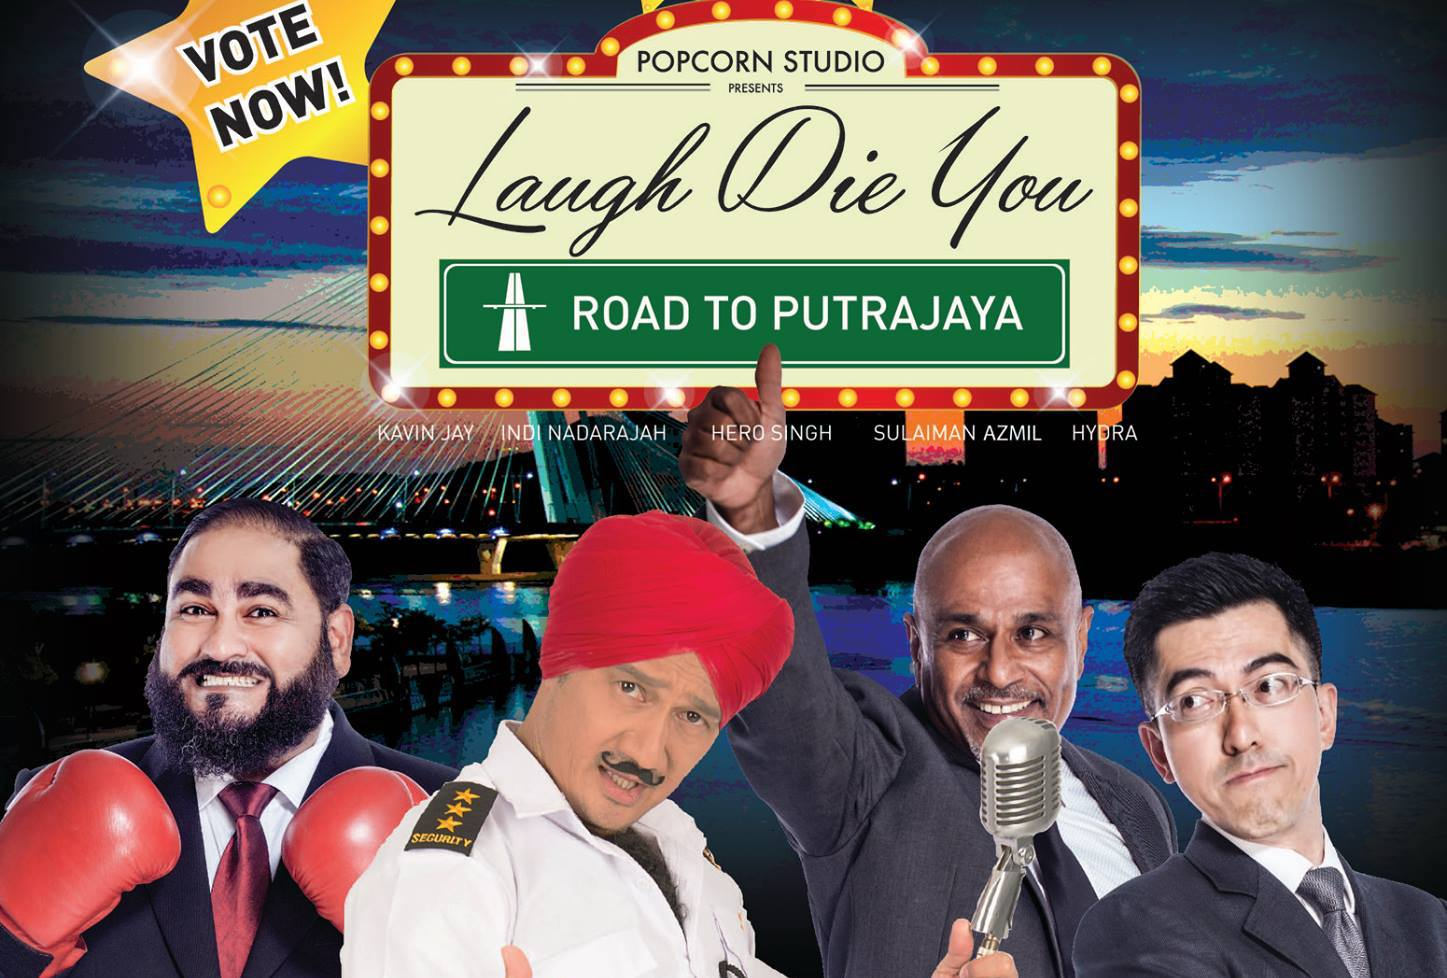 Laugh Die You : Road To Putrajaya